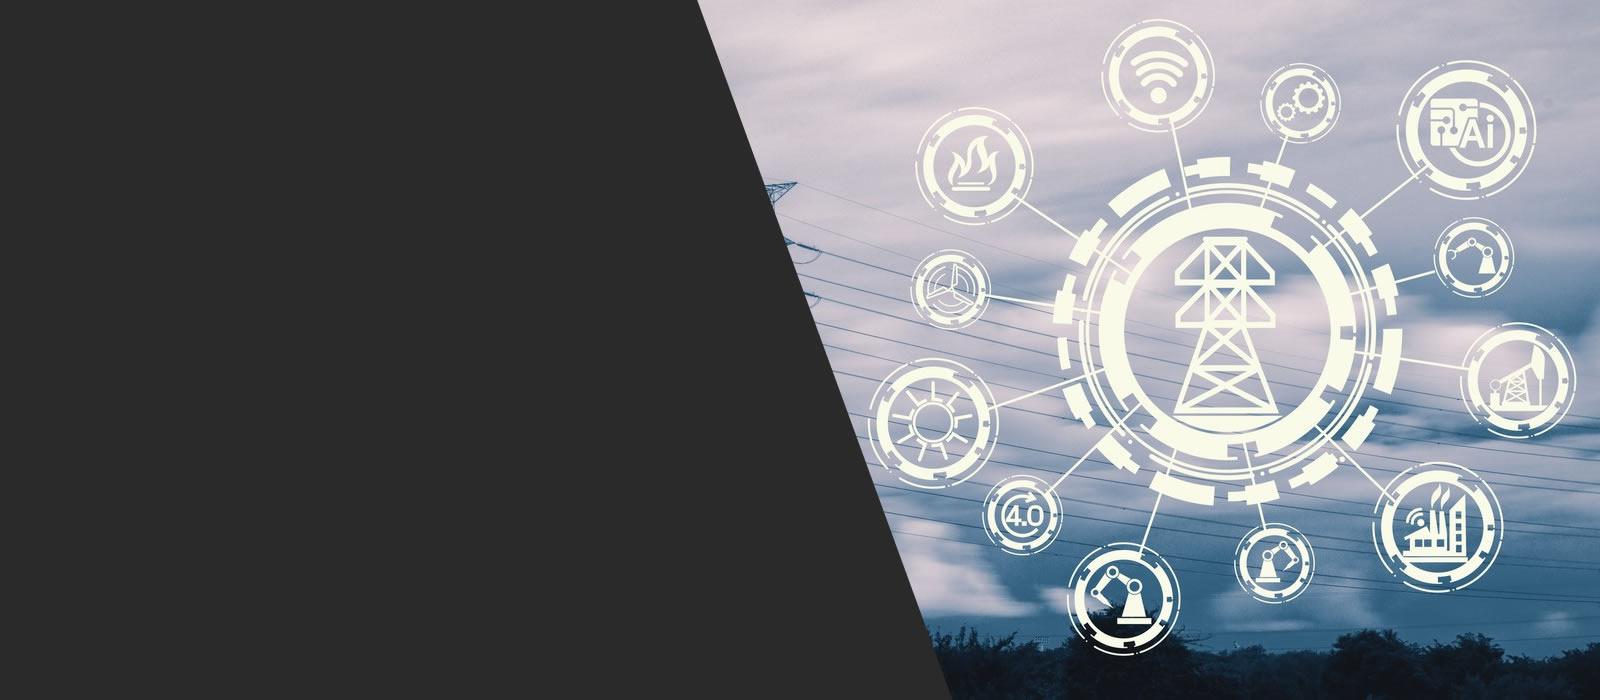 Une étude des Echos ausculte le digital et les innovations numériques dans l'énergie et cite Comwatt